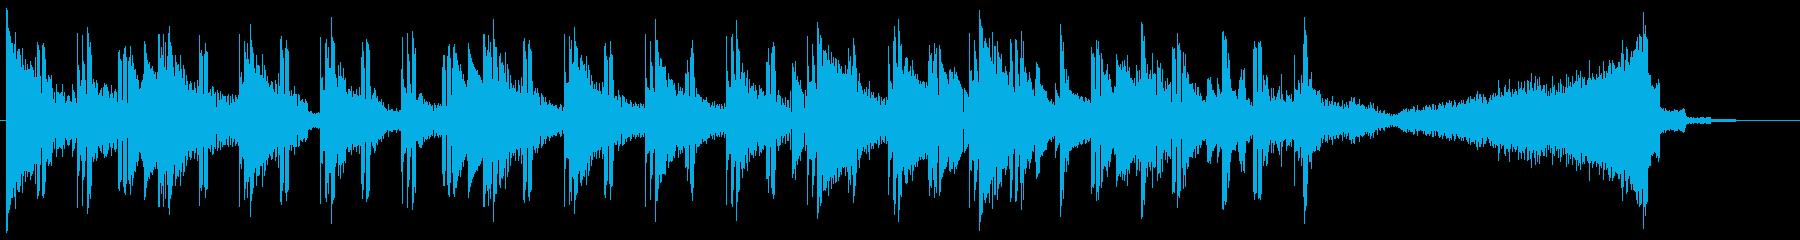 陰気でパワフルなドラムとサウンドデ...の再生済みの波形